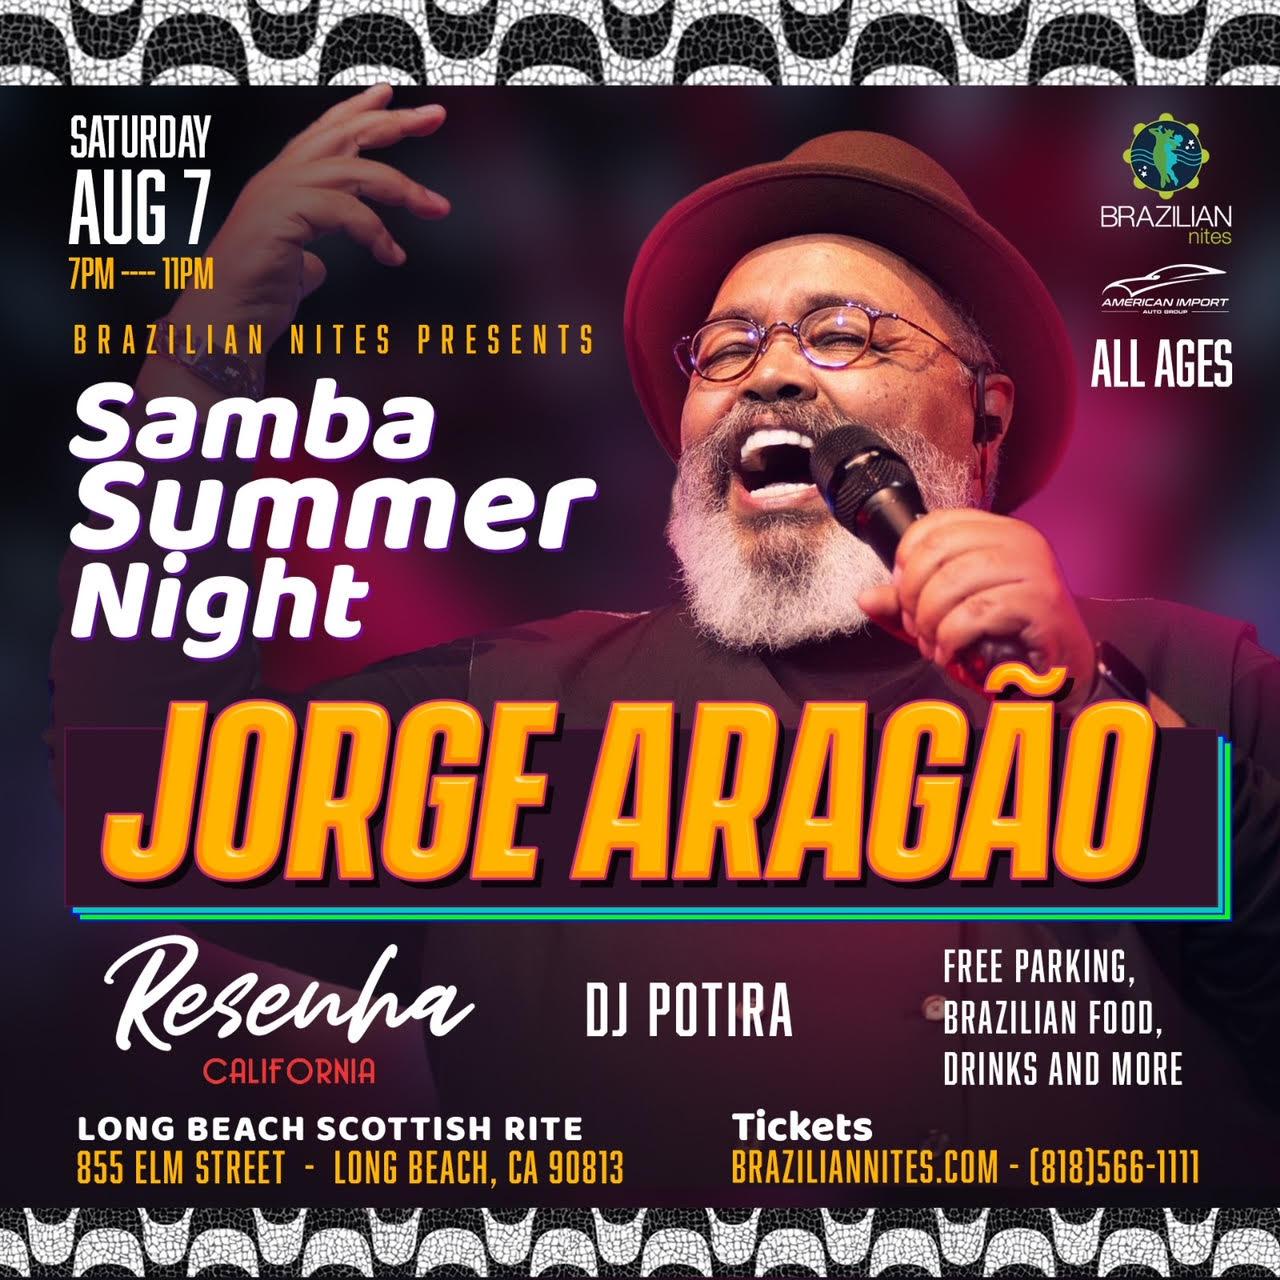 Jorge Aragão and DJ Potira in Long Beach